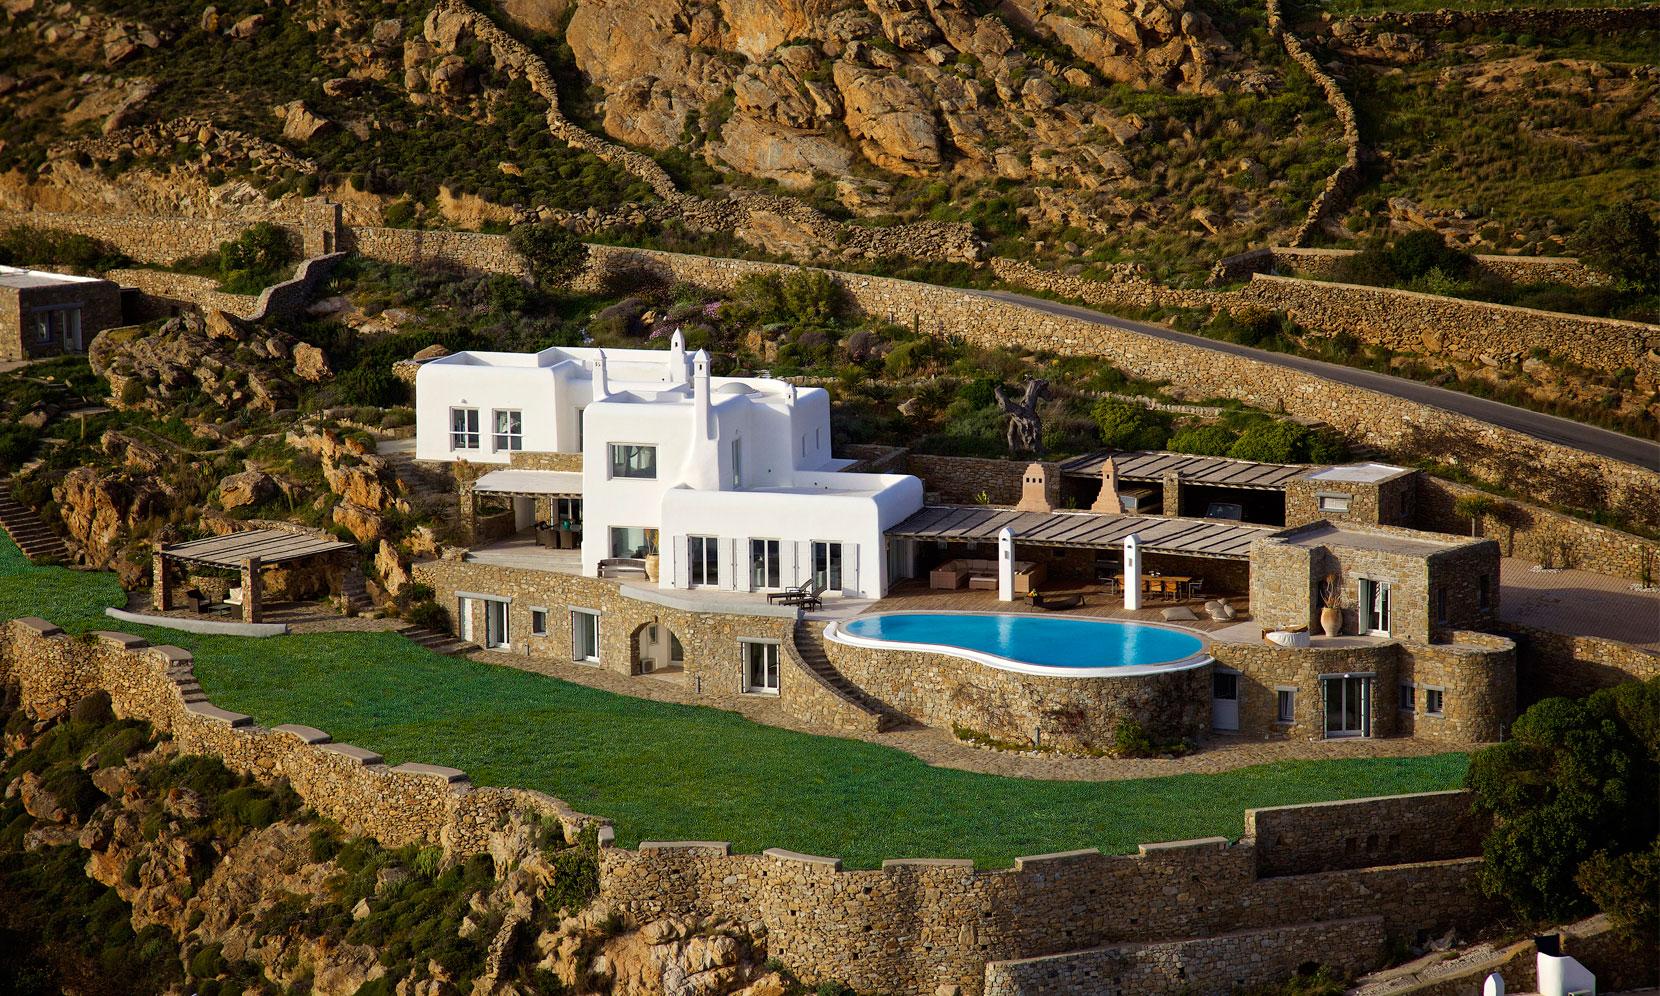 Mykonos Villa Atlanta jumbotron image